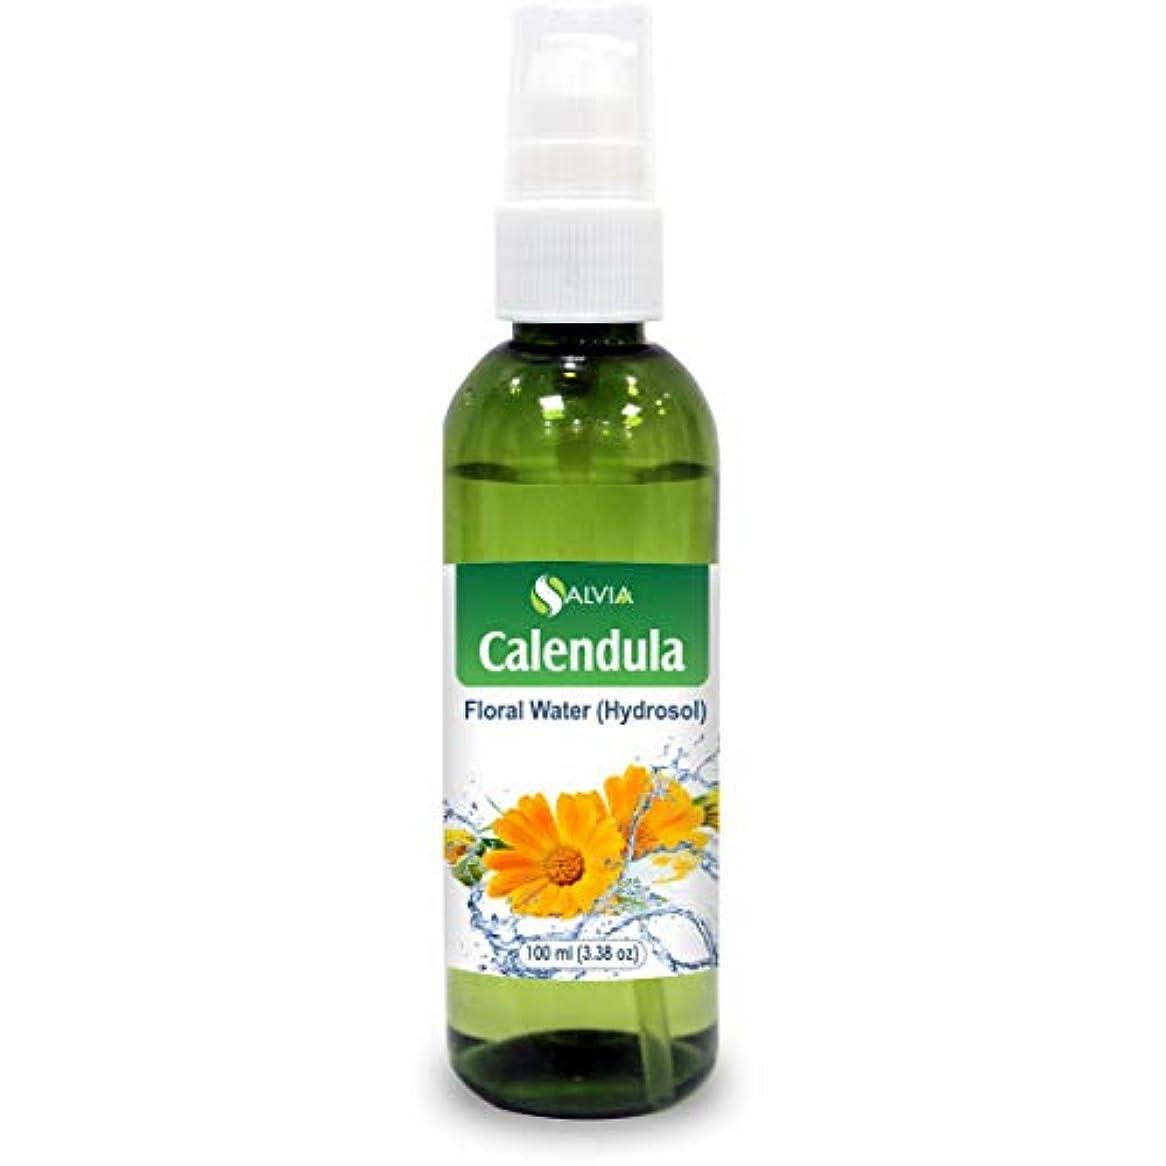 ロール暫定着替えるCalendula Floral Floral Water 100ml (Hydrosol) 100% Pure And Natural